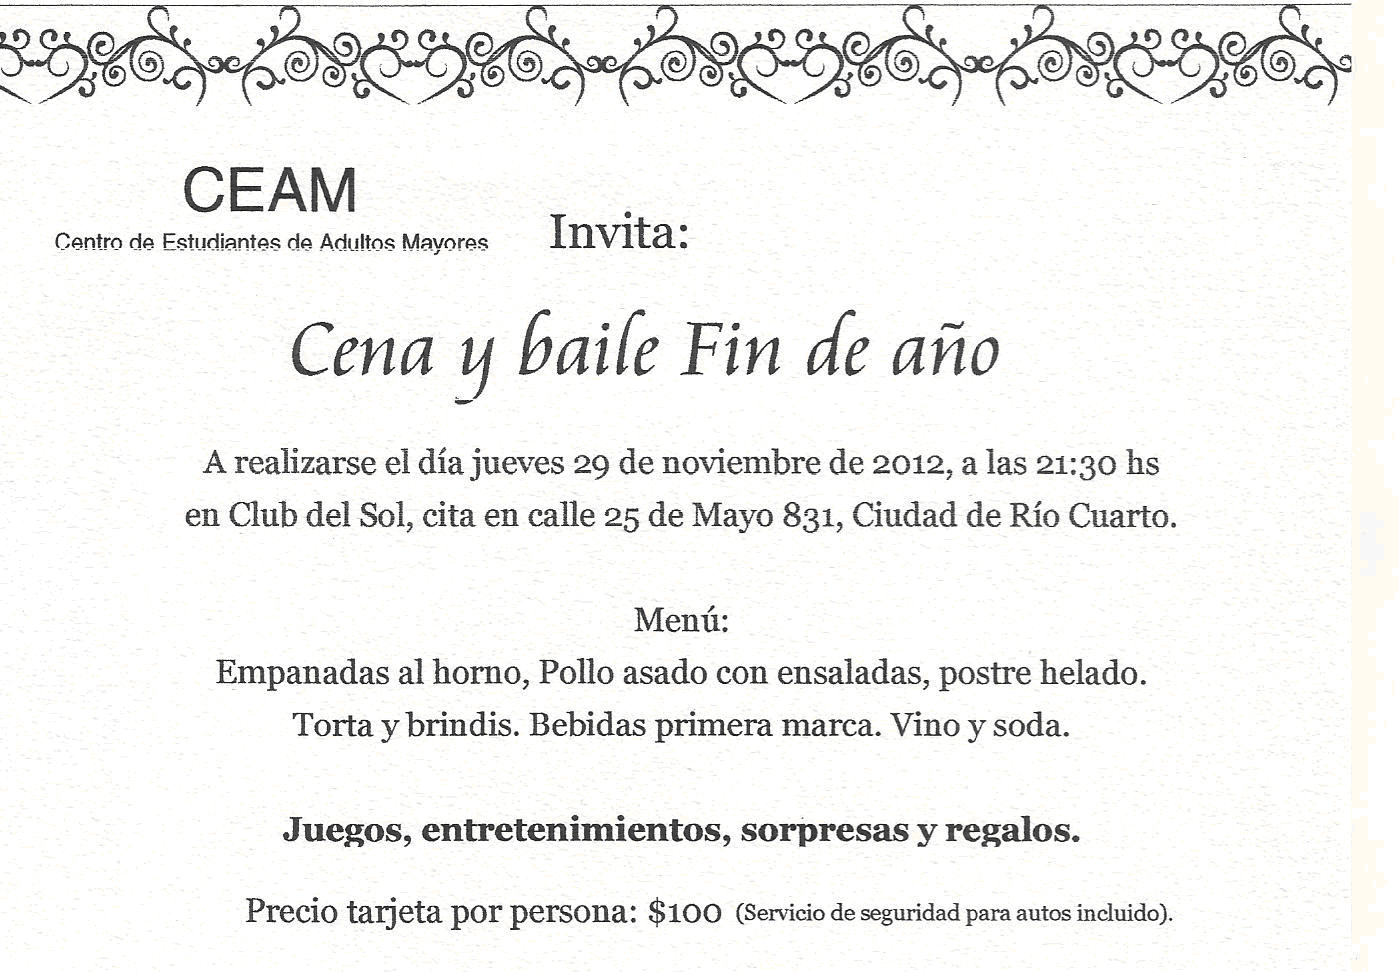 Tercer Escalón Cena Y Baile De Fin De Año Invitación Del Ceam